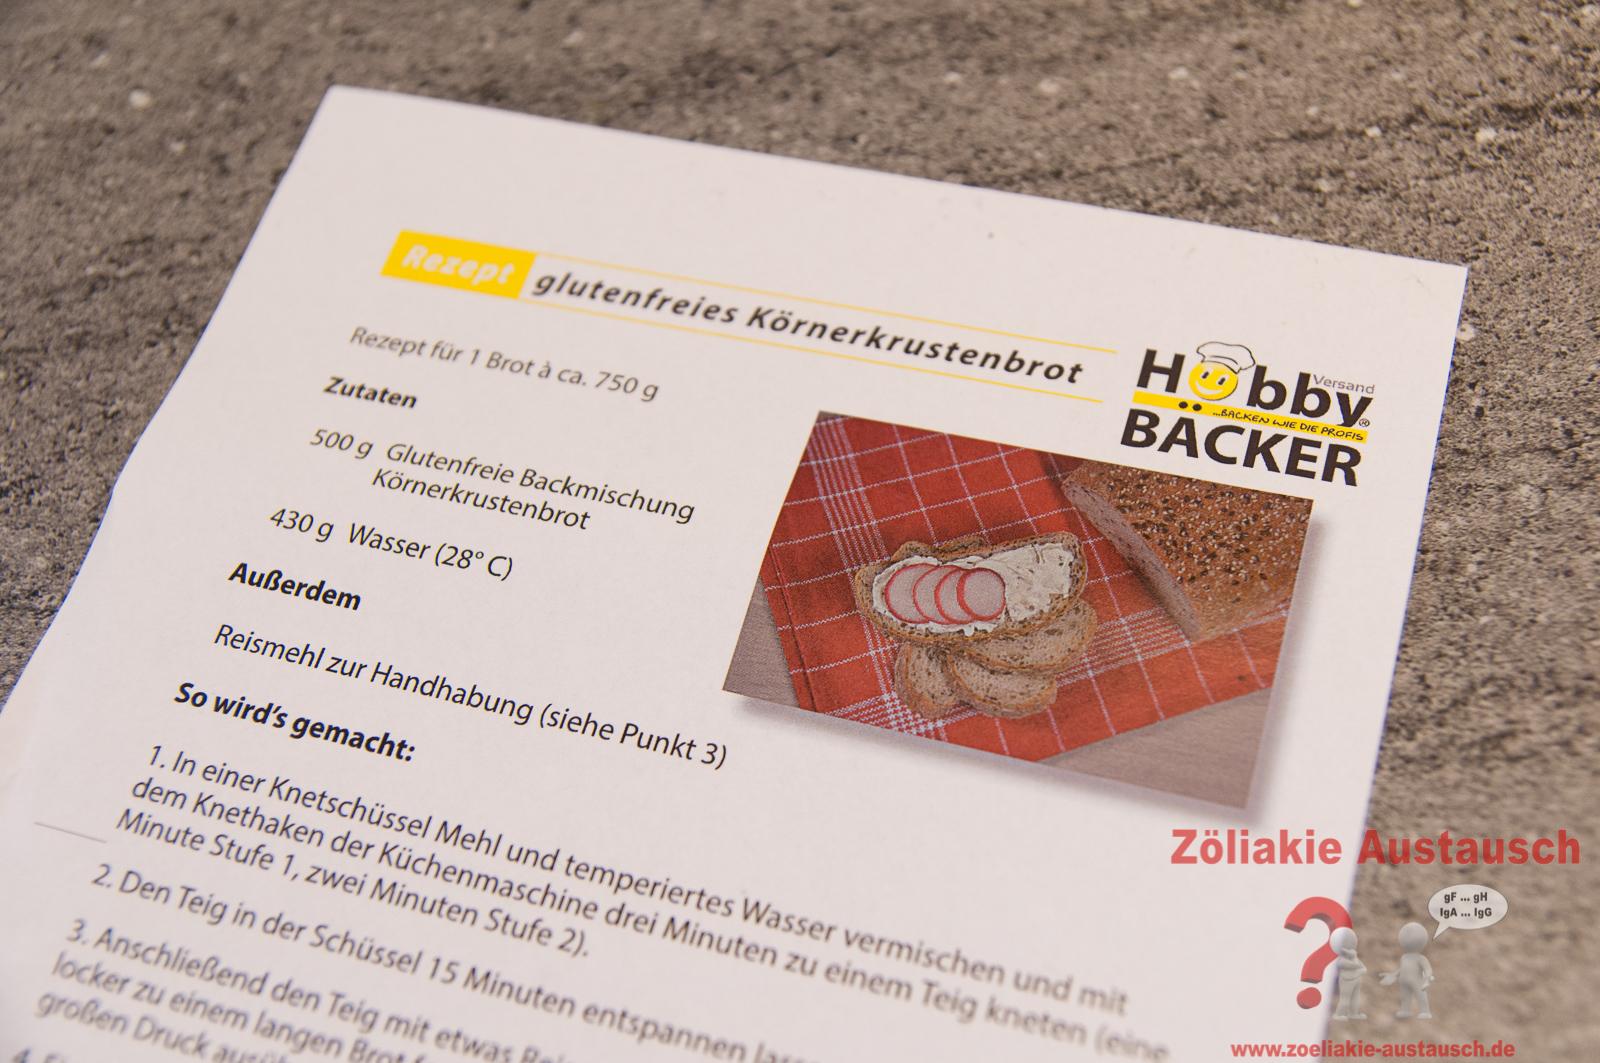 HobbyBaecker-Glutenfrei-Zoeliakie-Austausch_4672